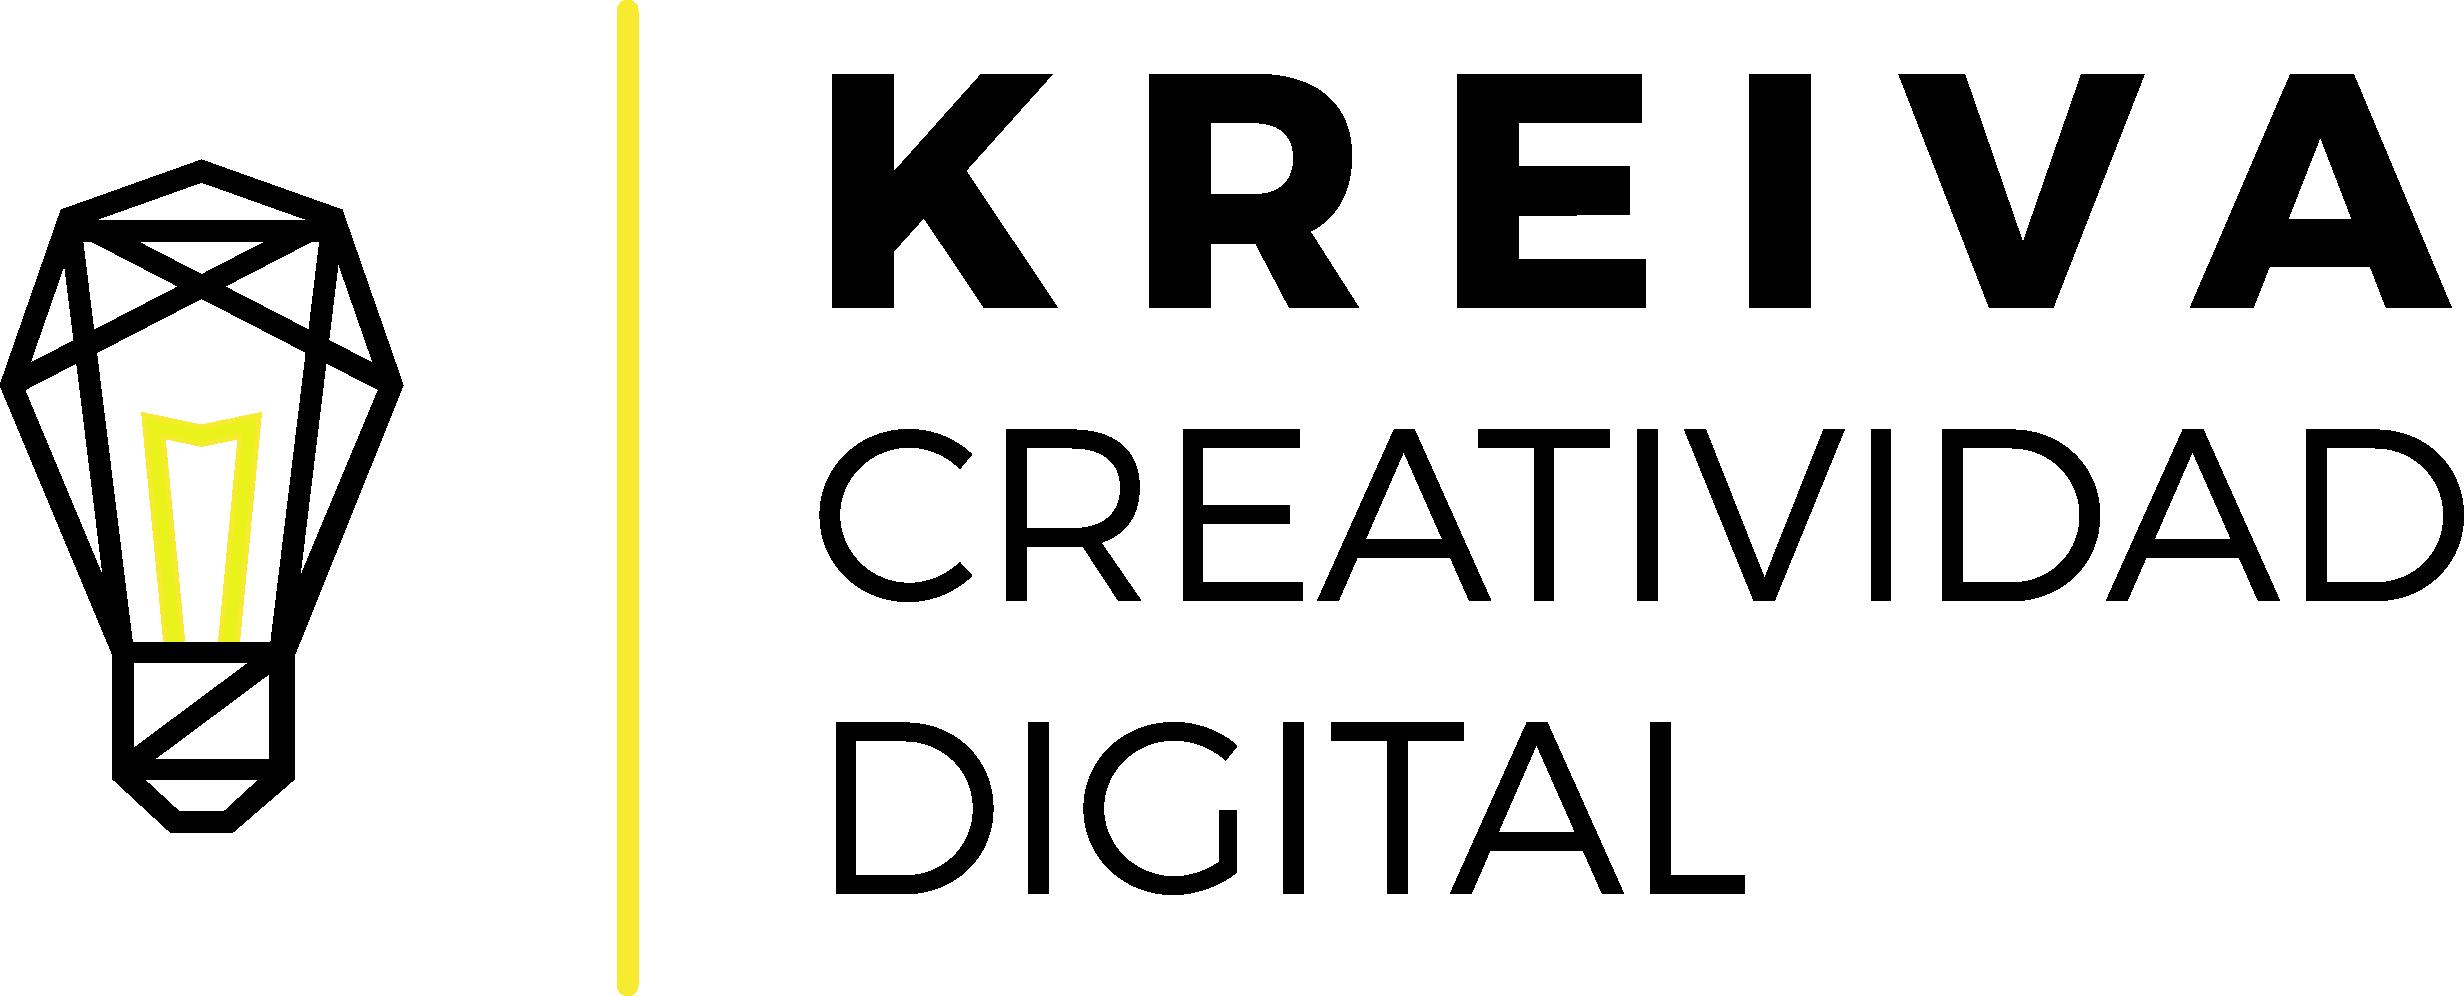 Kreiva Digital